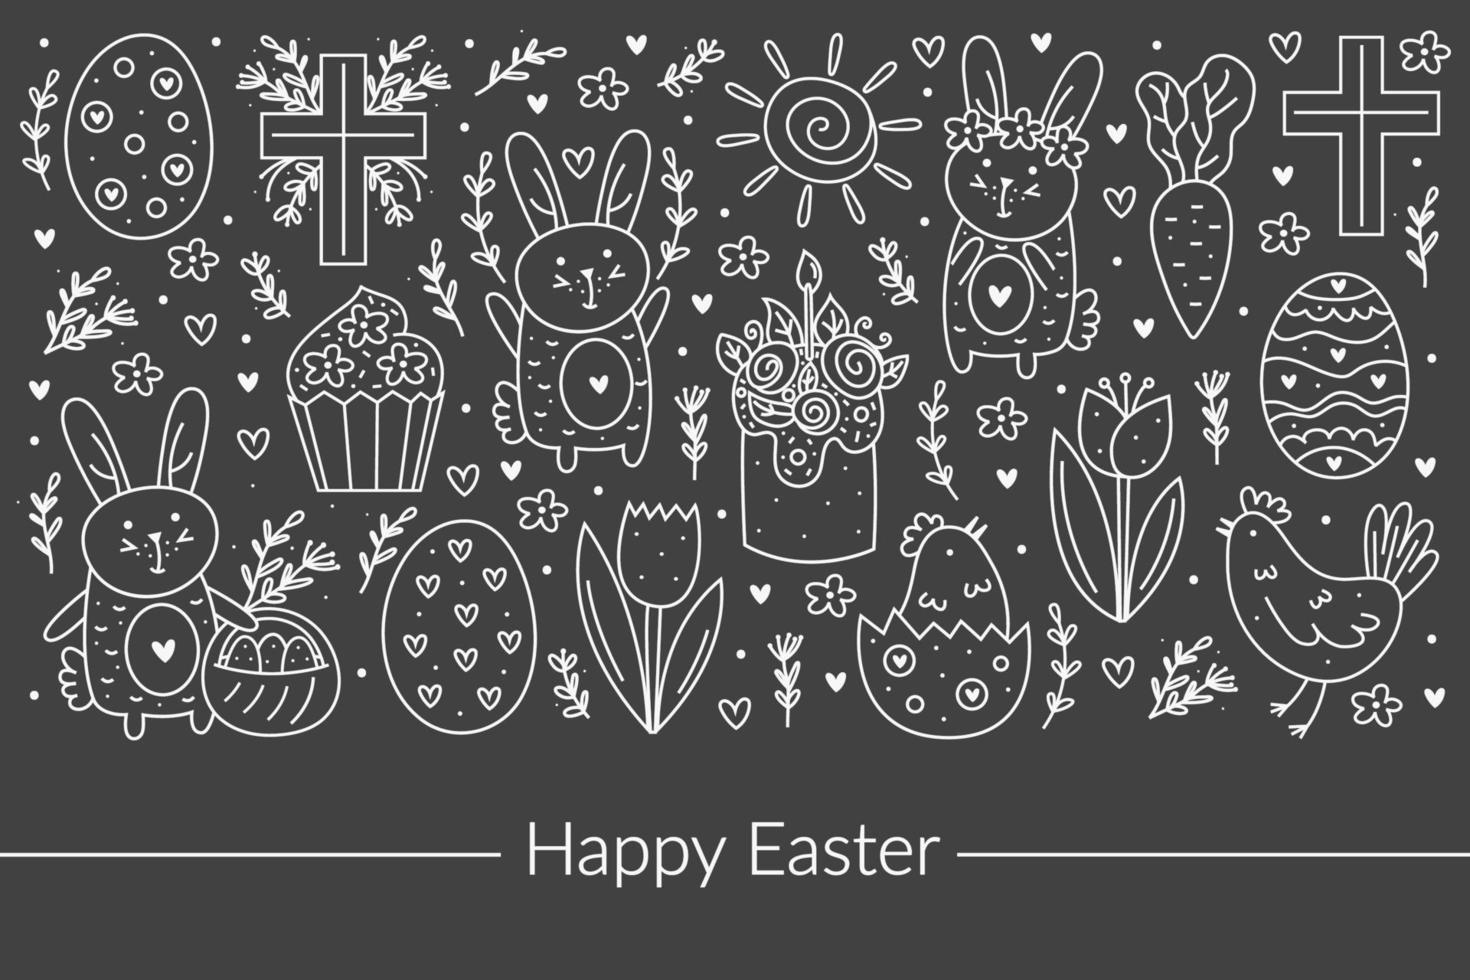 conception d'art de ligne joyeuses Pâques doodle. éléments de conception de tableau de craie. lapin, lapin, croix chrétienne, gâteau, petit gâteau, poulet, œuf, poule, fleur, carotte, soleil. isolé sur fond sombre. vecteur